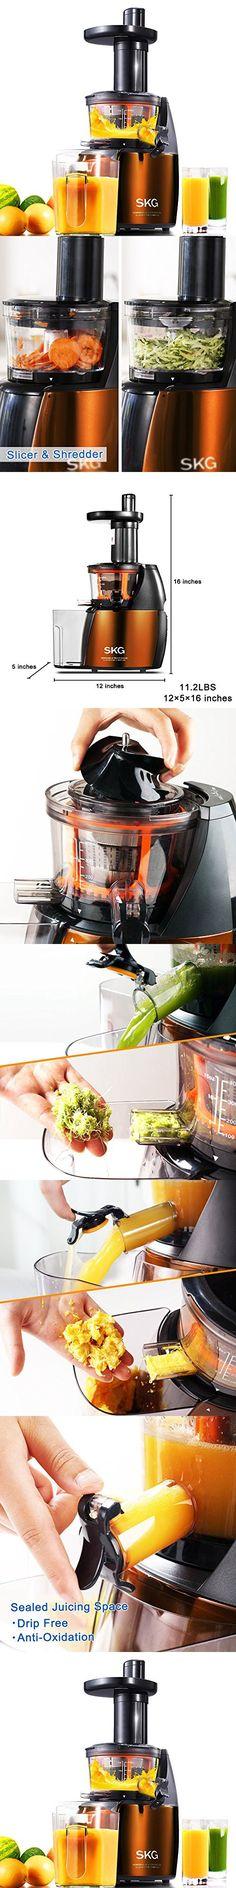 SKG Premium 2-in-1 Anti-Oxidation Slow Masticating Juicer & Multifunction Food Processor - Vertical Low Speed Masticating Cold Press Slow Juicer (150W, 65 RPMs) - Electric Food Slicer & Food Shredder